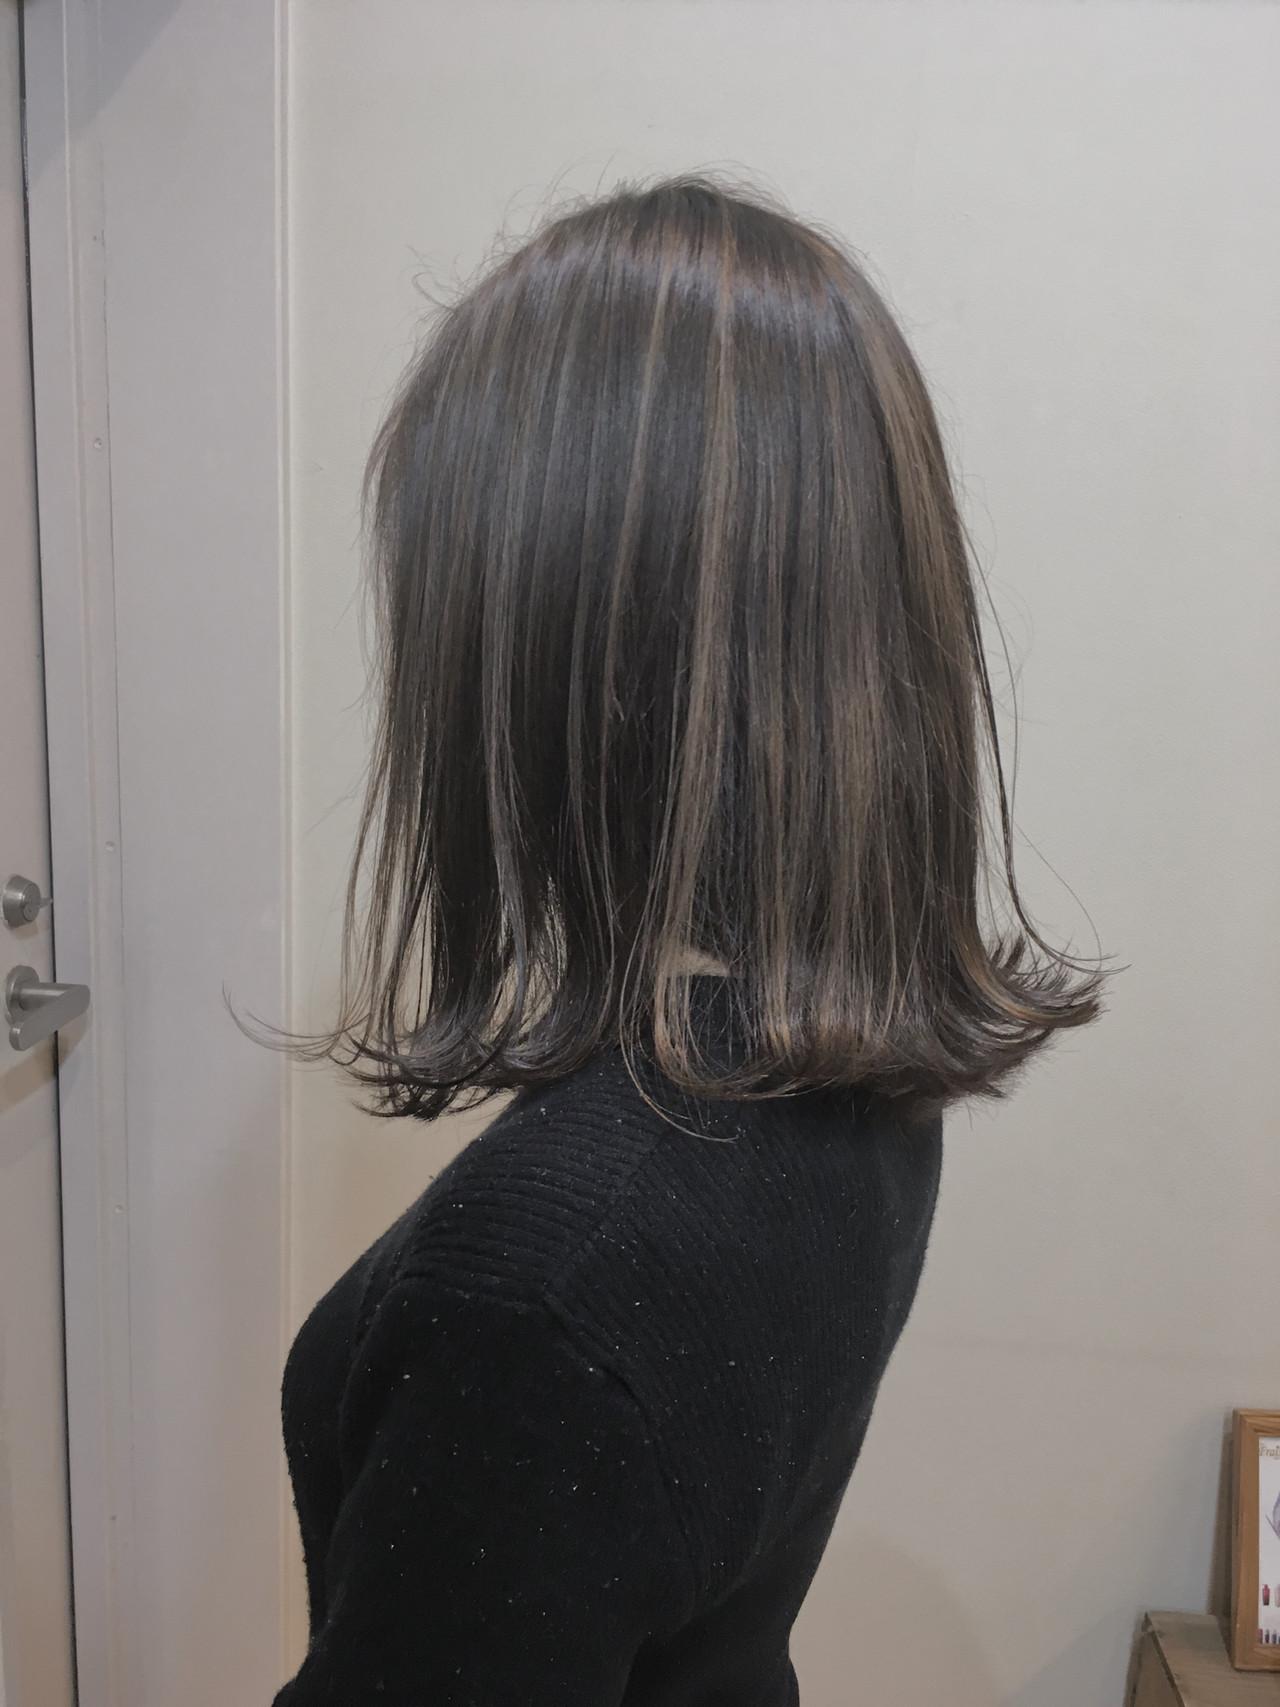 ショートボブ ミディアム 大人ハイライト バレイヤージュヘアスタイルや髪型の写真・画像